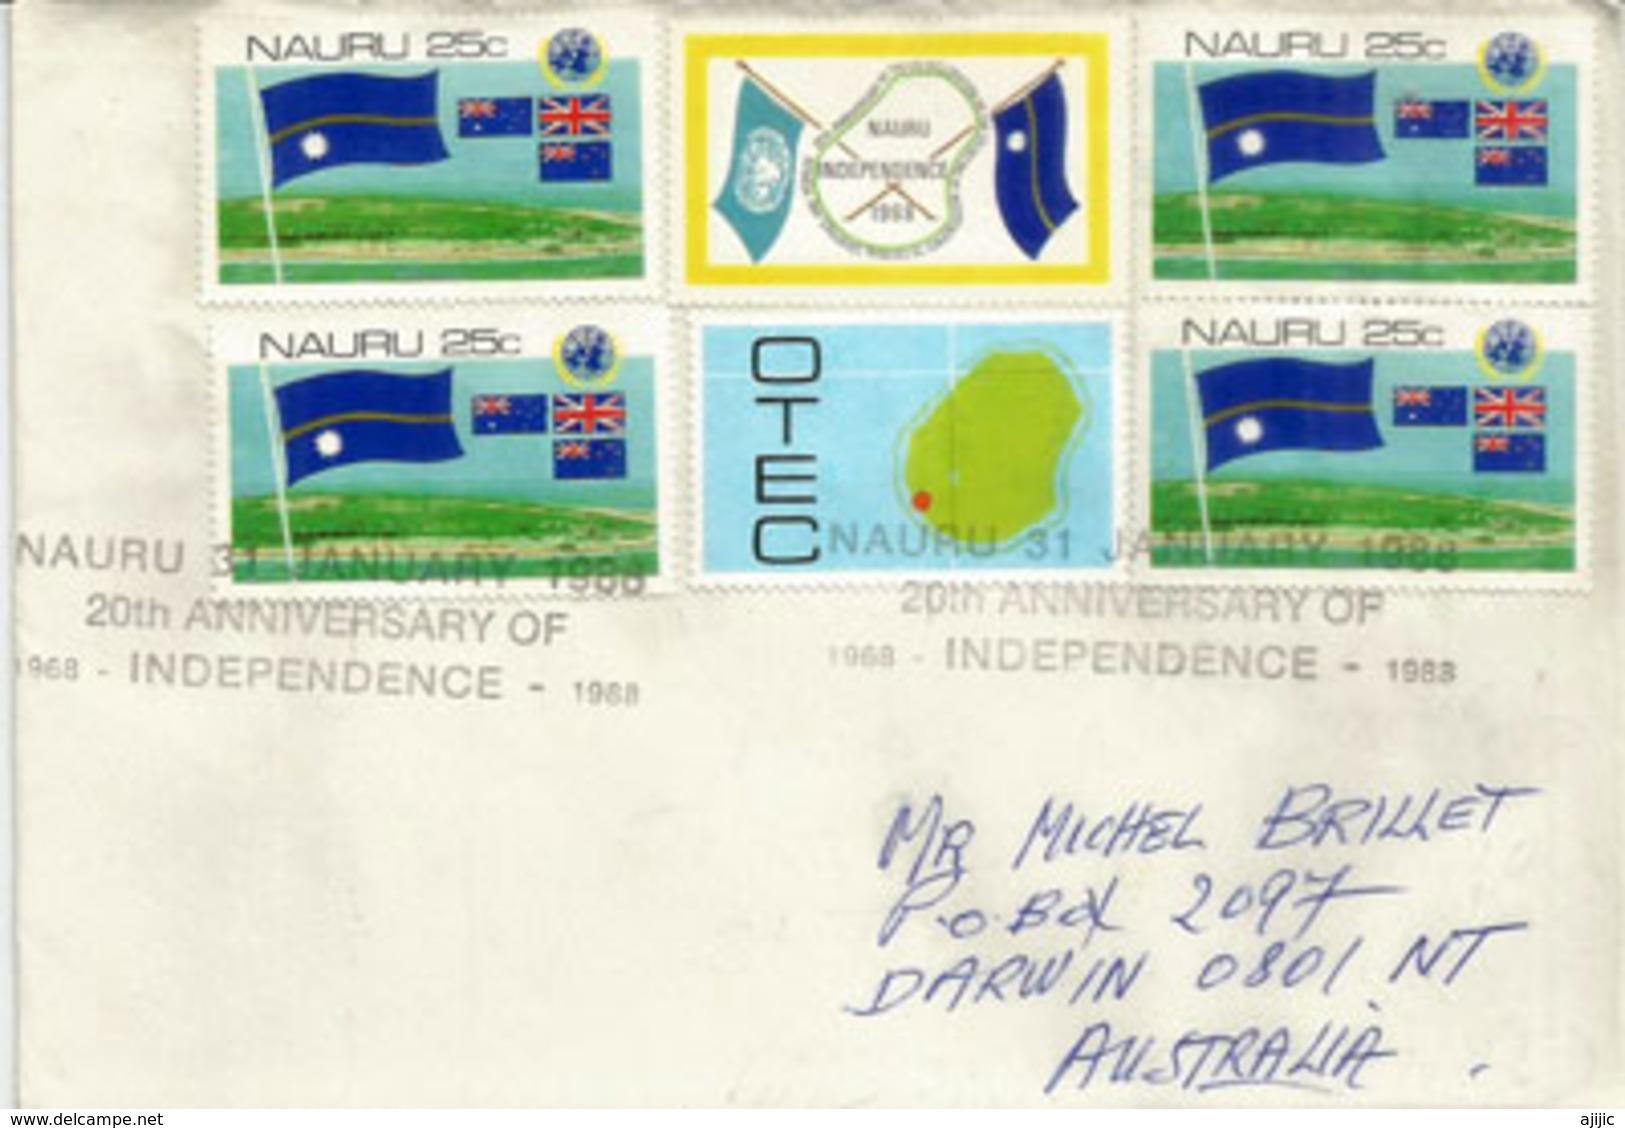 Belle Lettre De L´ile Nauru Adressée A Darwin (Australie) En 1988 (Oblitération Spéciale 20 Ième Anniv.Independance) - Nauru